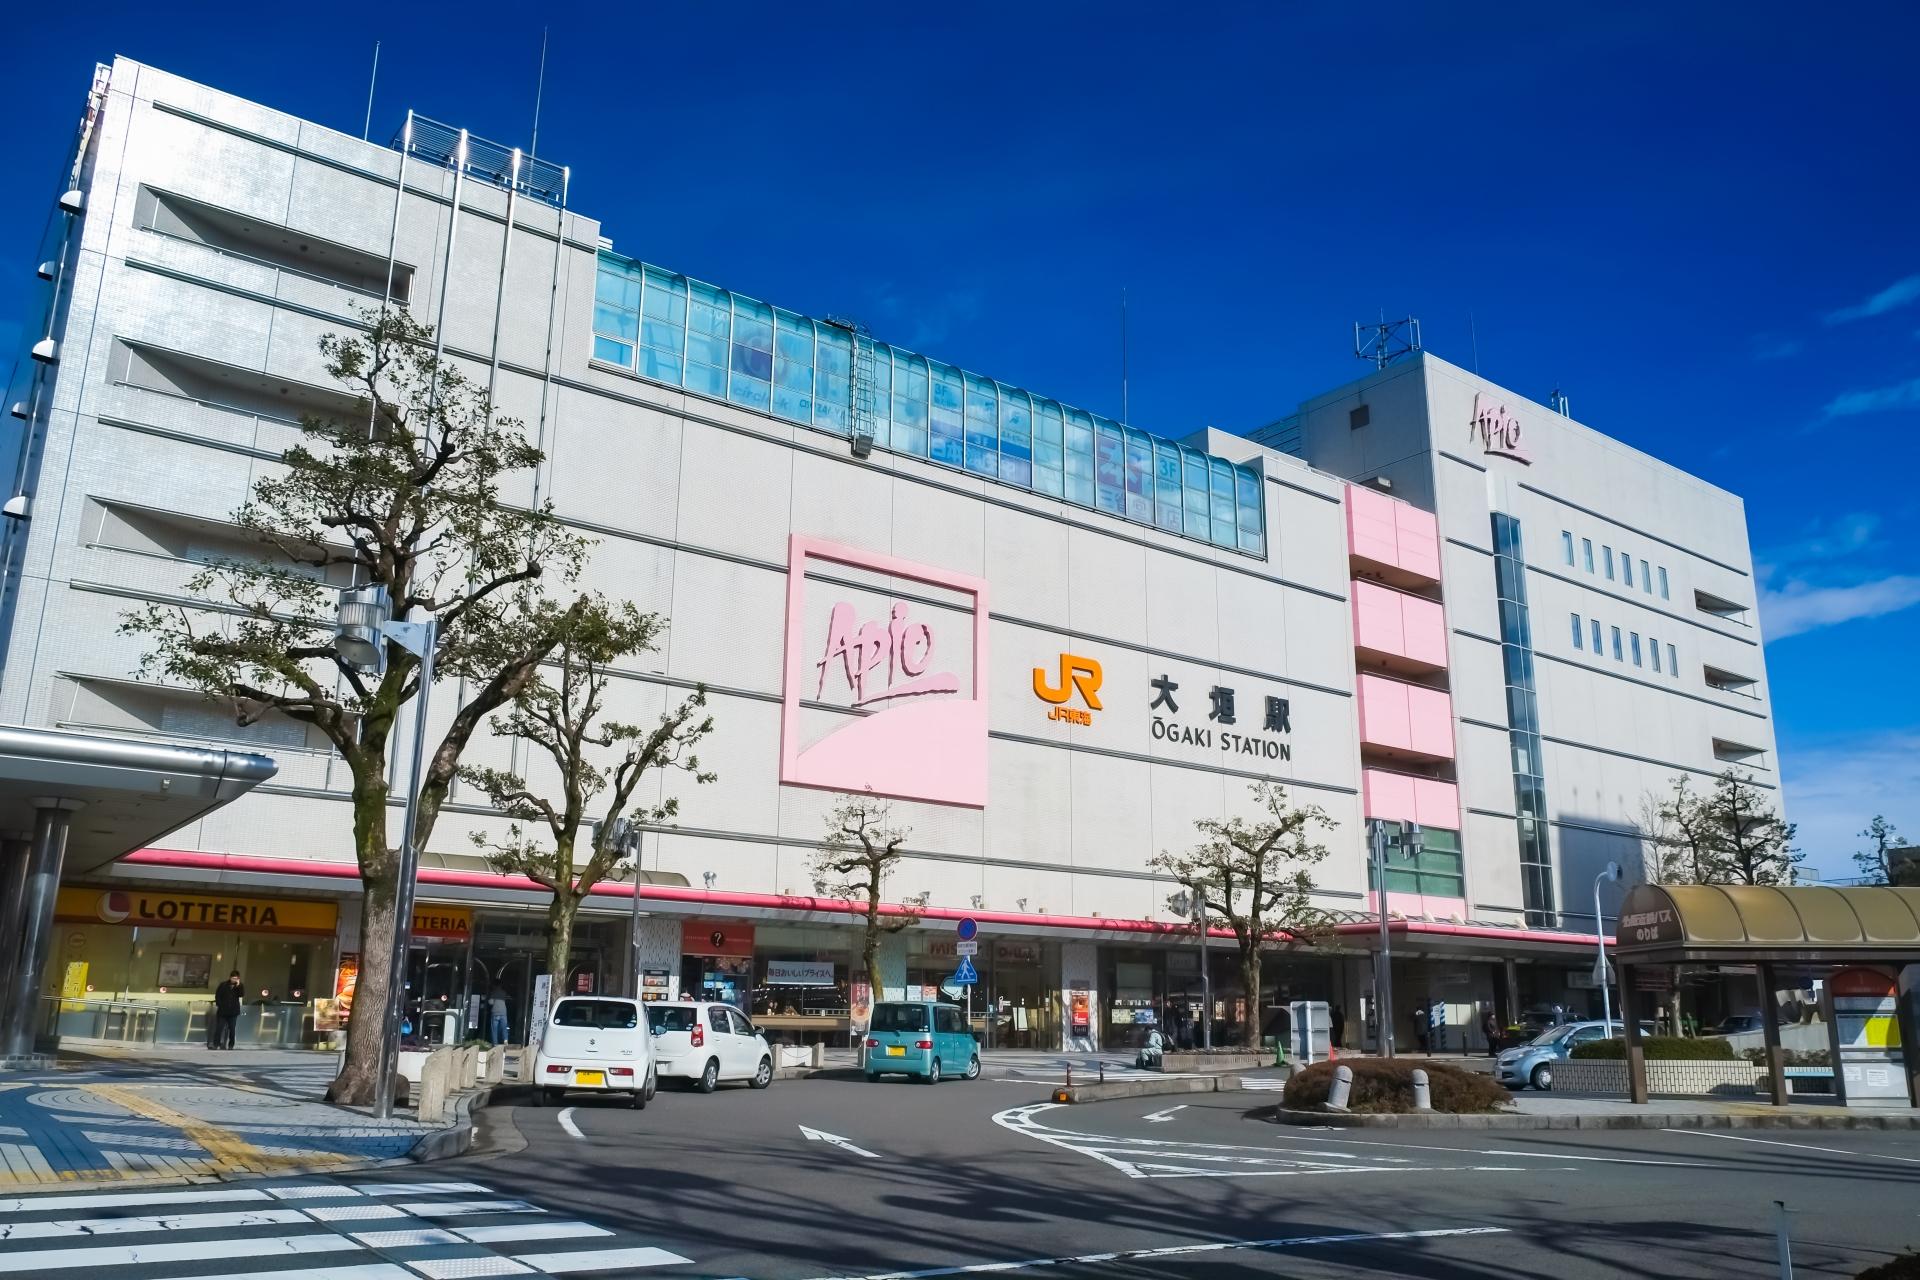 大垣駅 駅舎